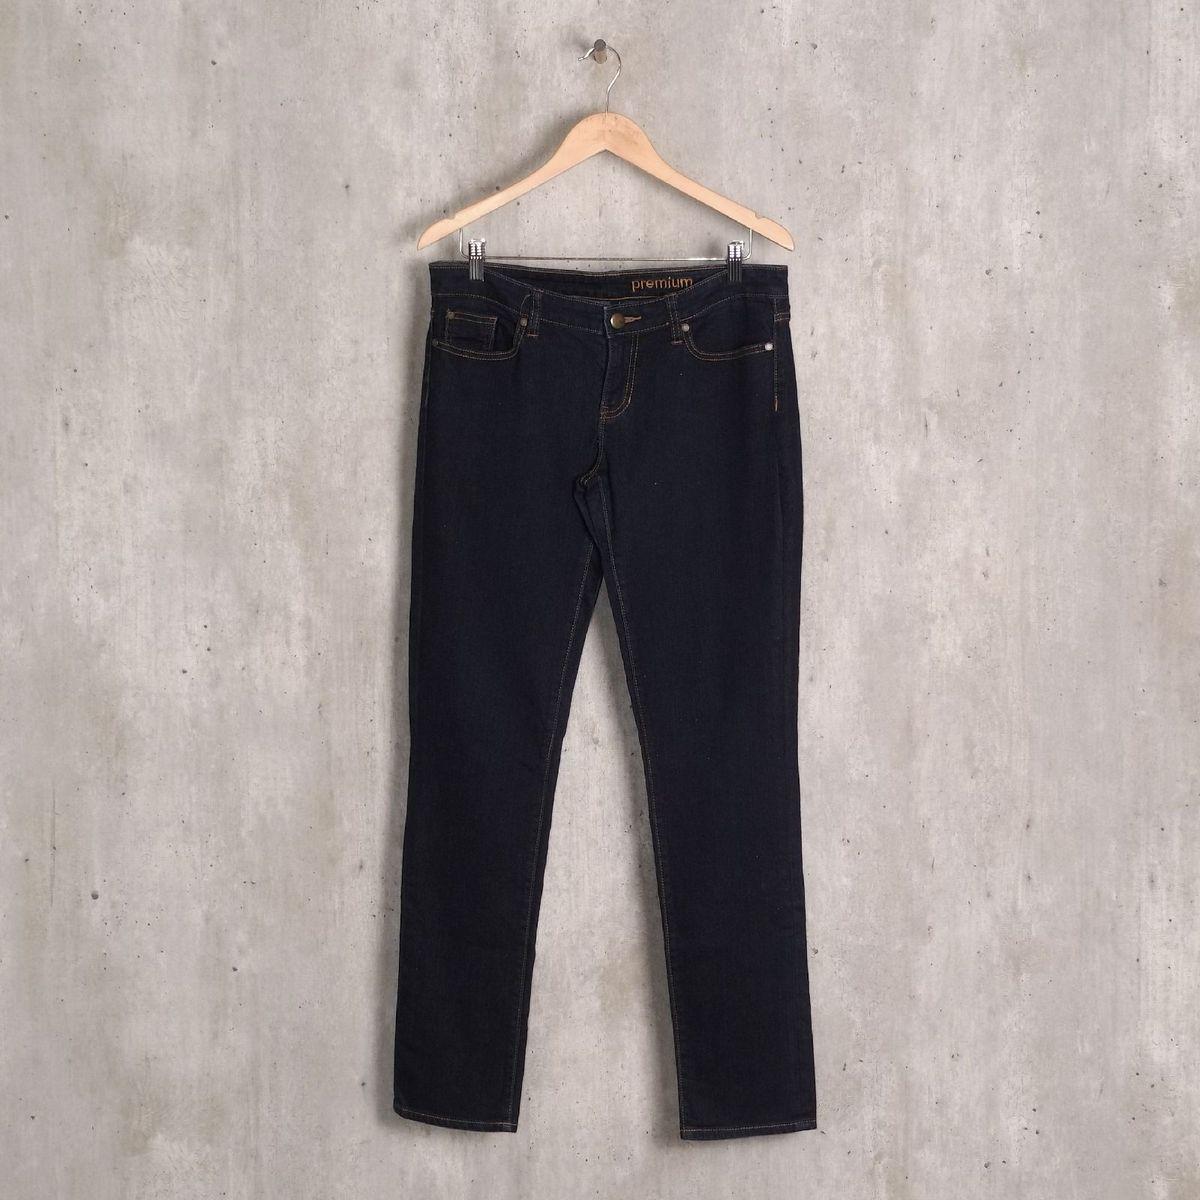 calça azul escura jeans gap - calças gap